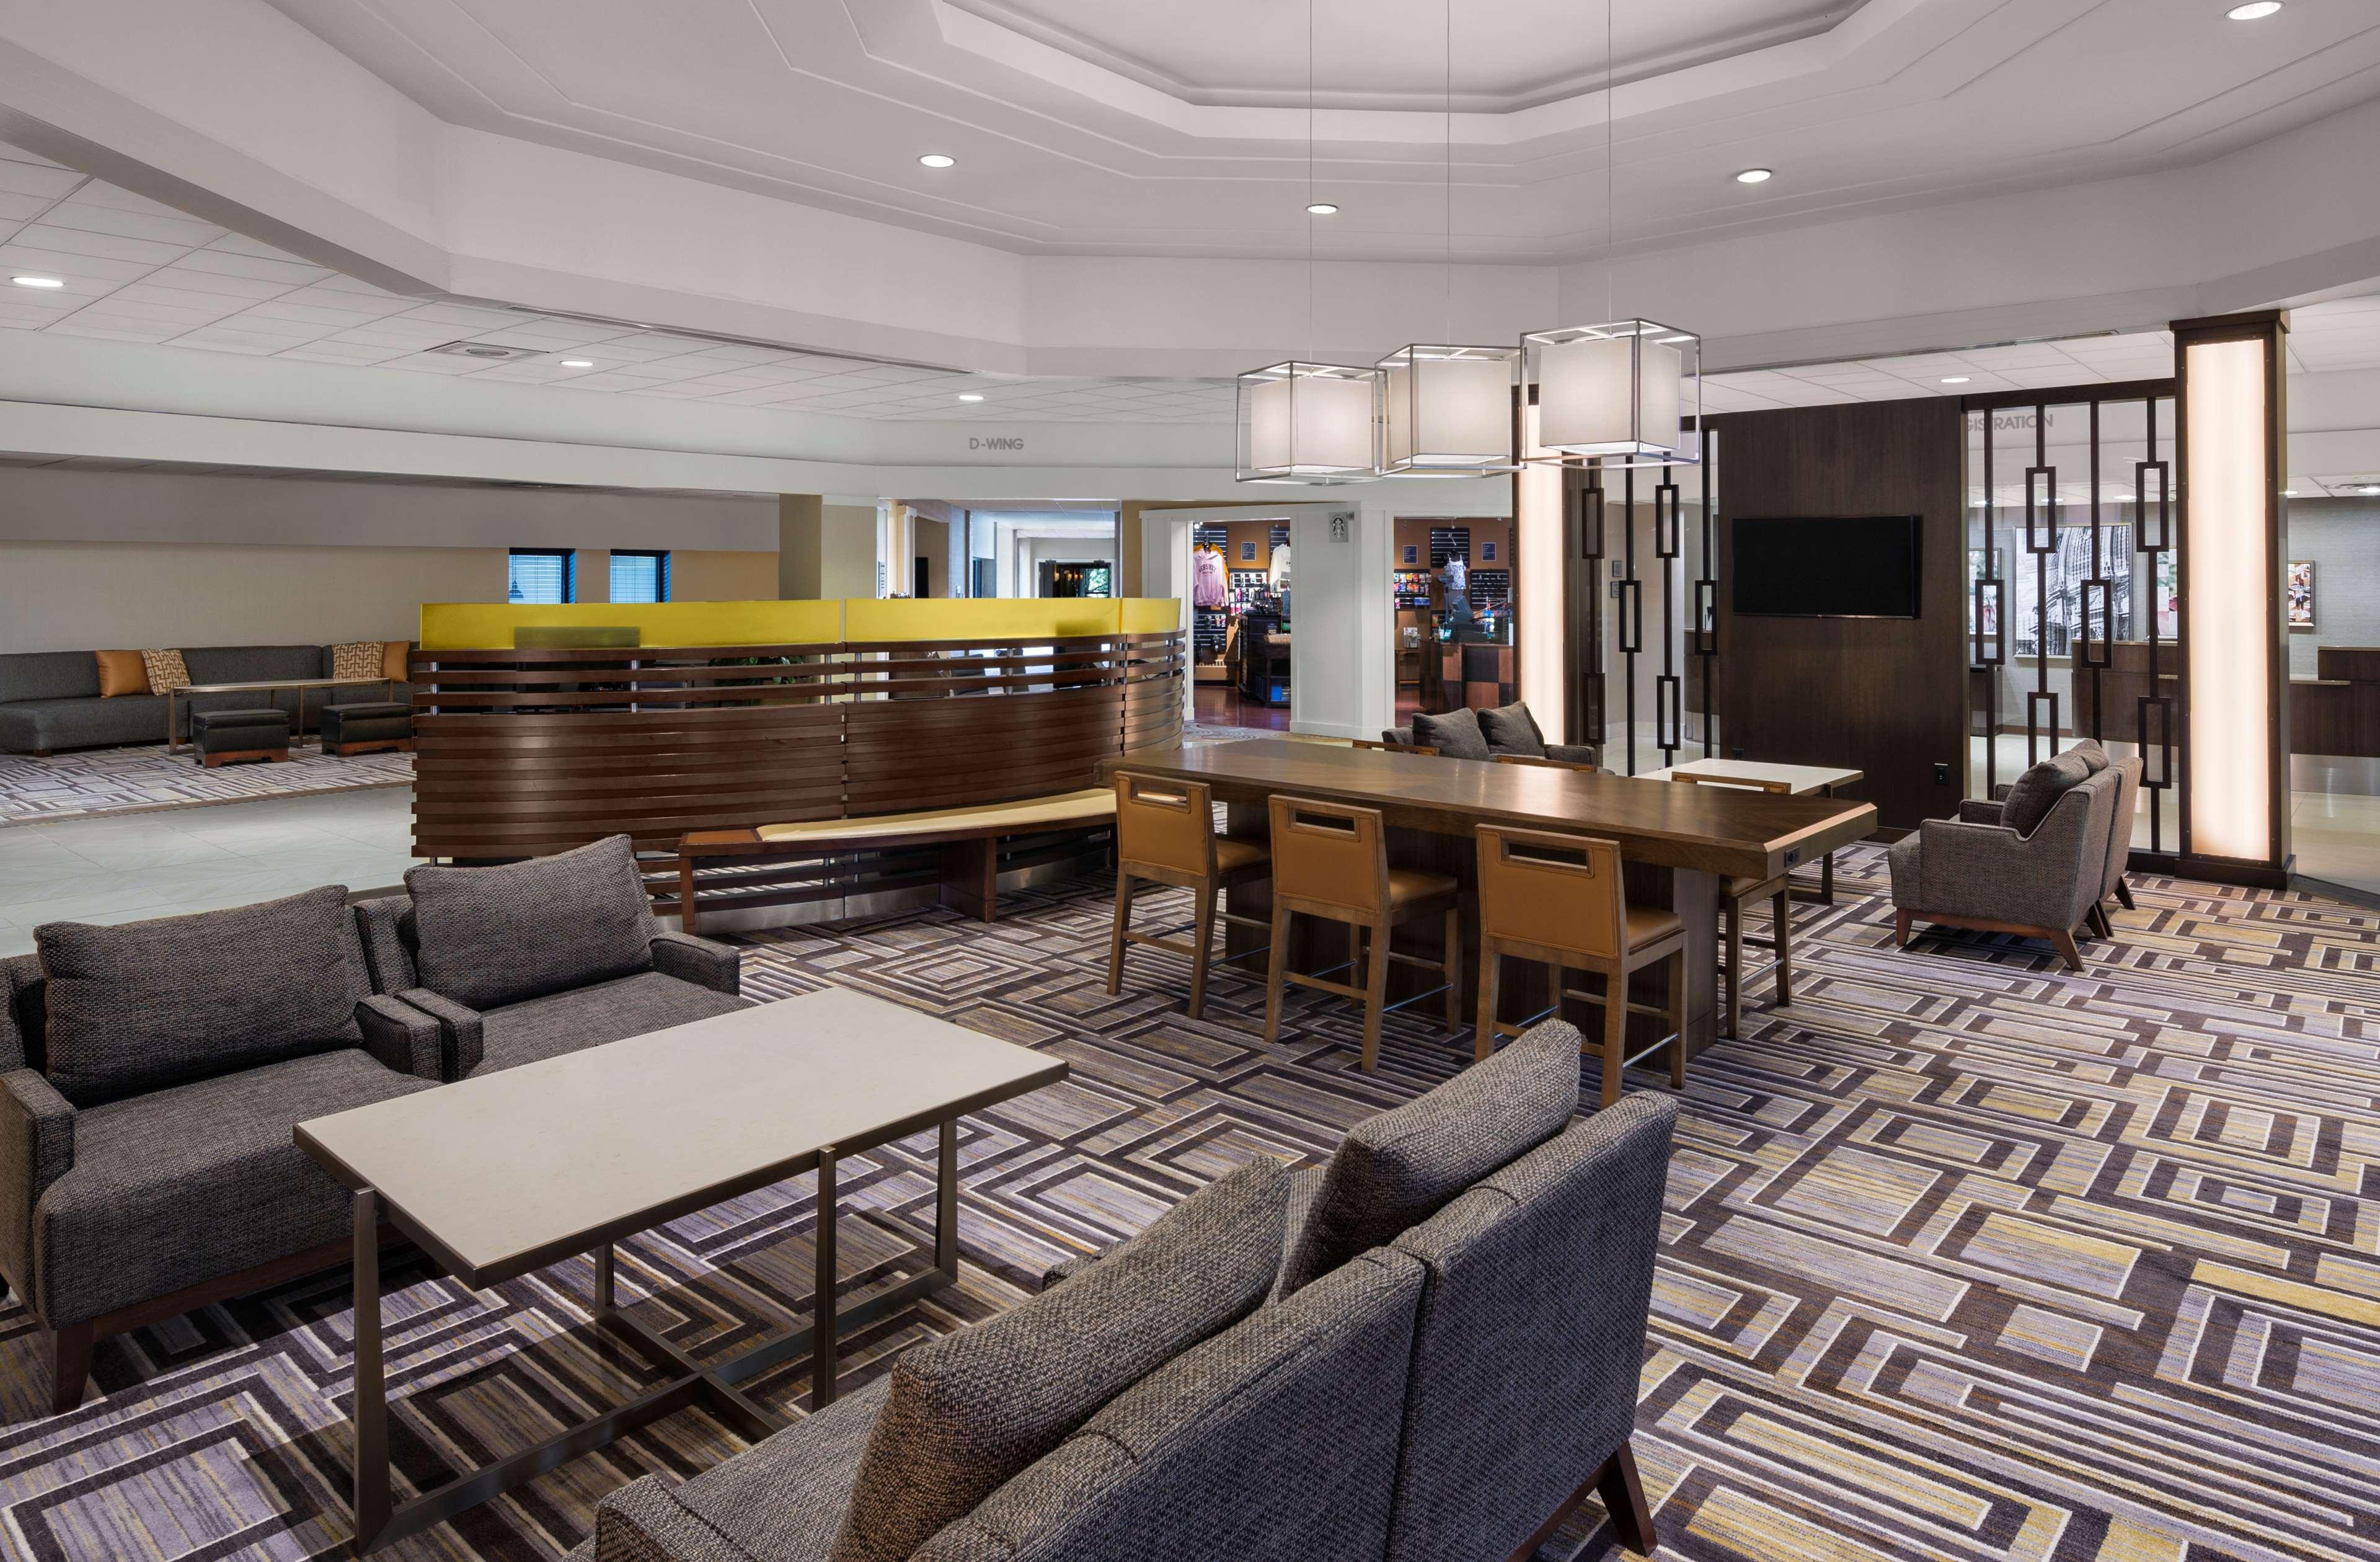 Sheraton Harrisburg Hershey Hotel image 8